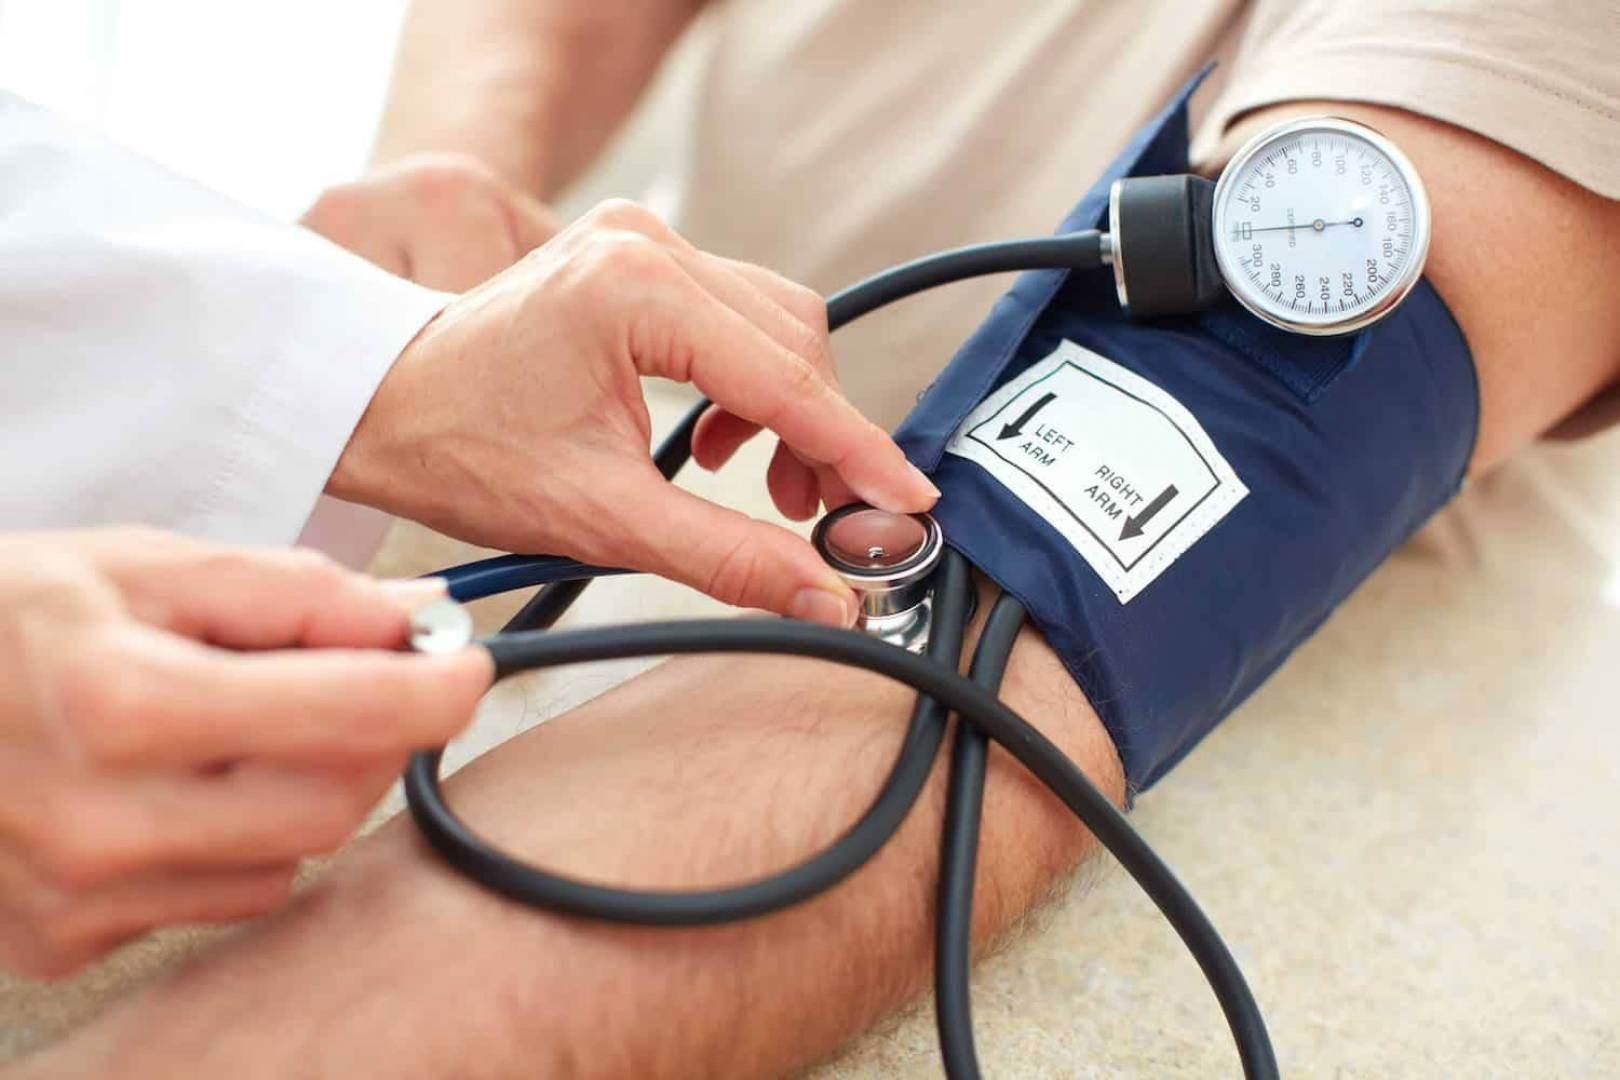 احتمال الوفاة بكوفيد-19 أعلى بمرتين لدى مرضى ضغط الدم